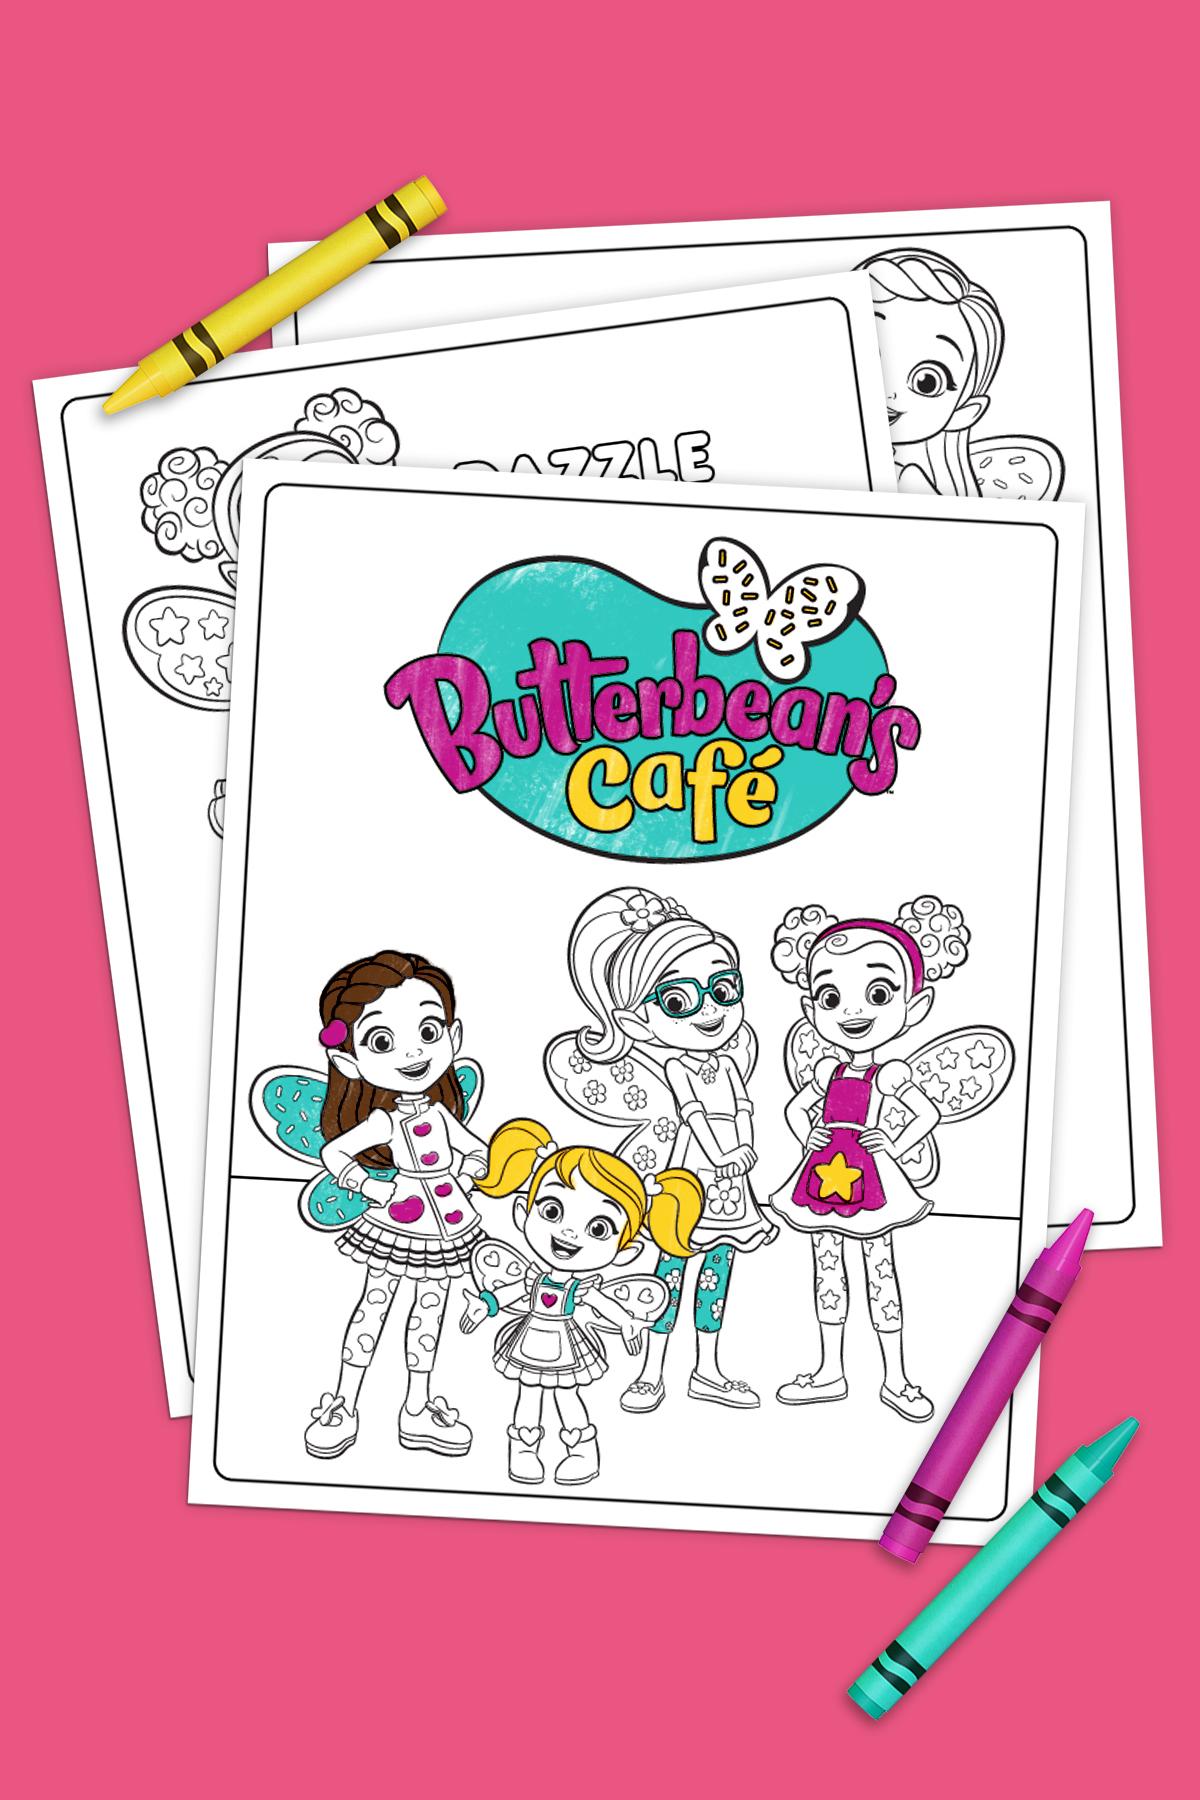 Meet Butterbean's Cafe!   Nickelodeon Parents